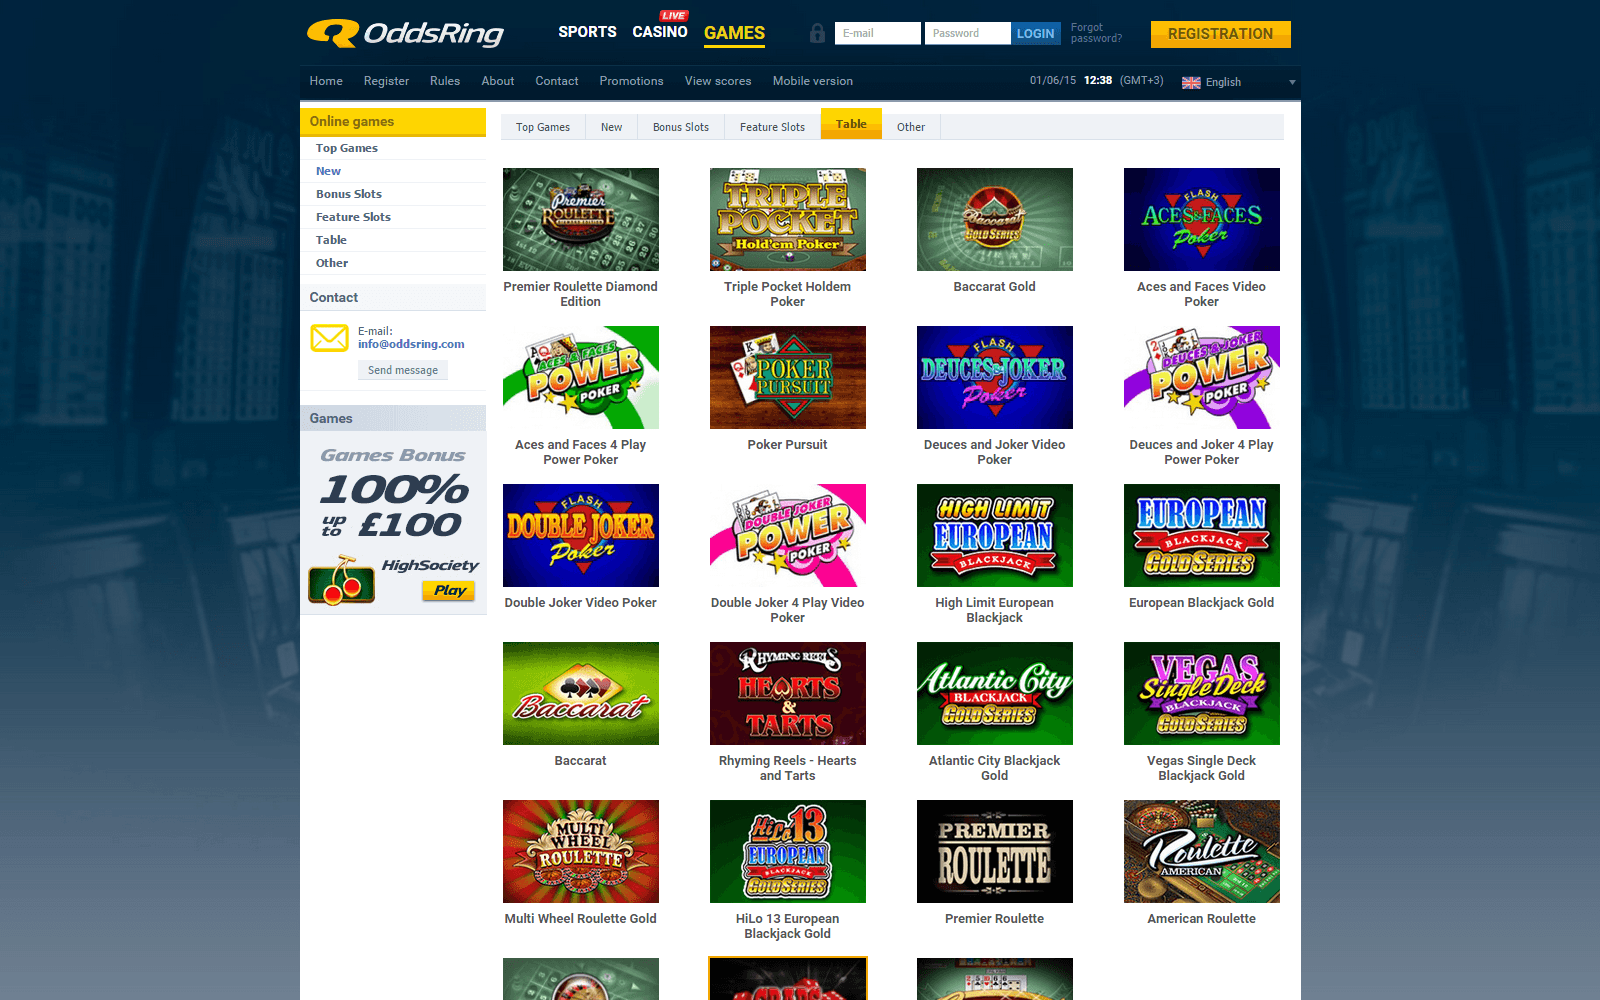 Casino con pagamento immediato